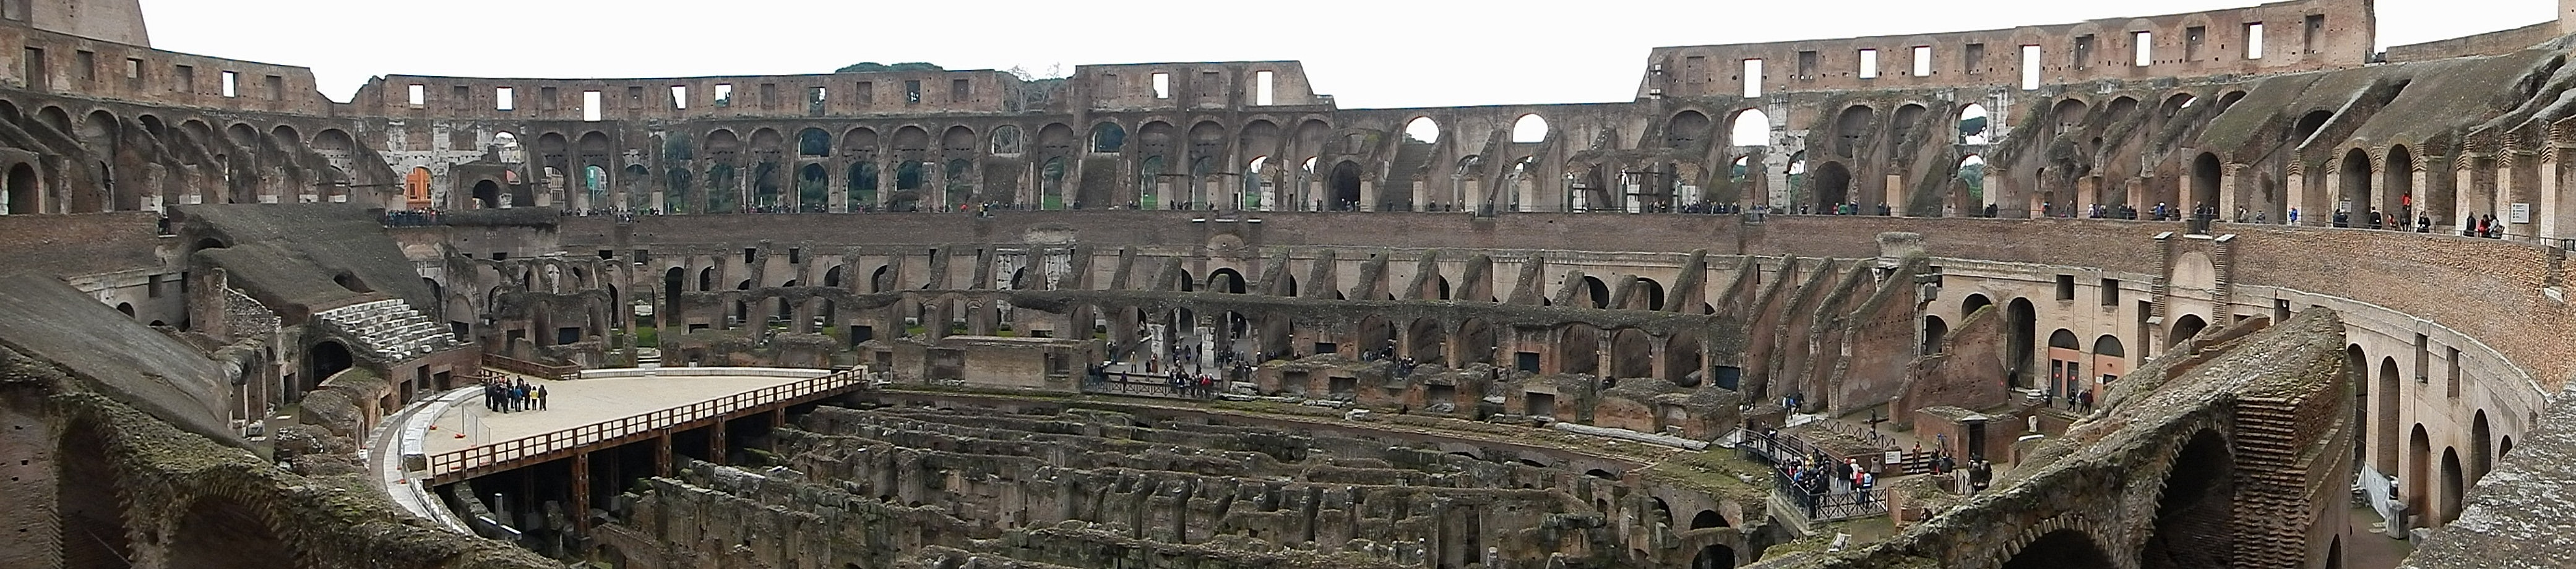 Roma 099 Colosseo